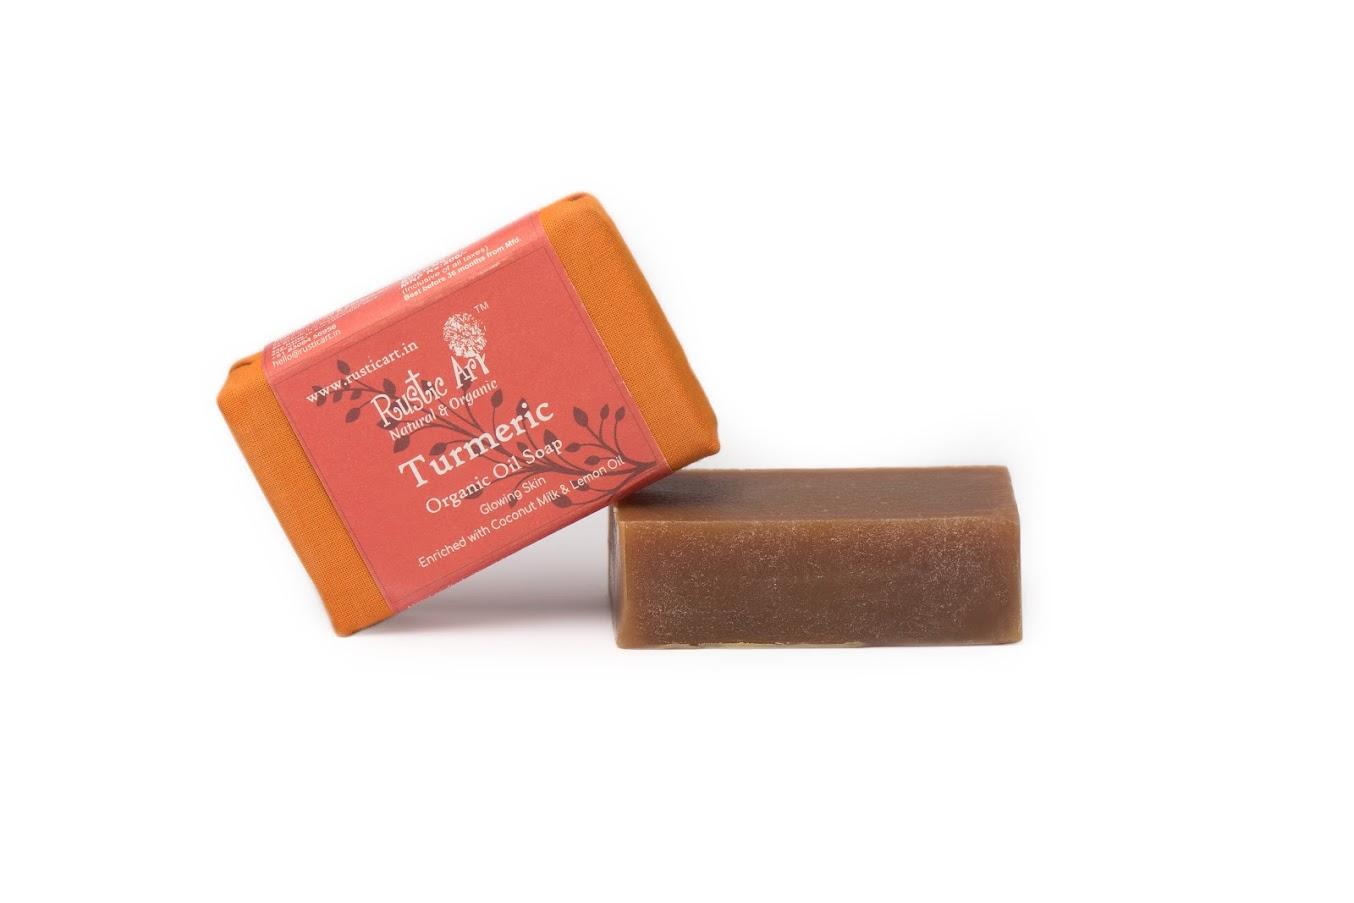 Rustic Art Turmeric Soap